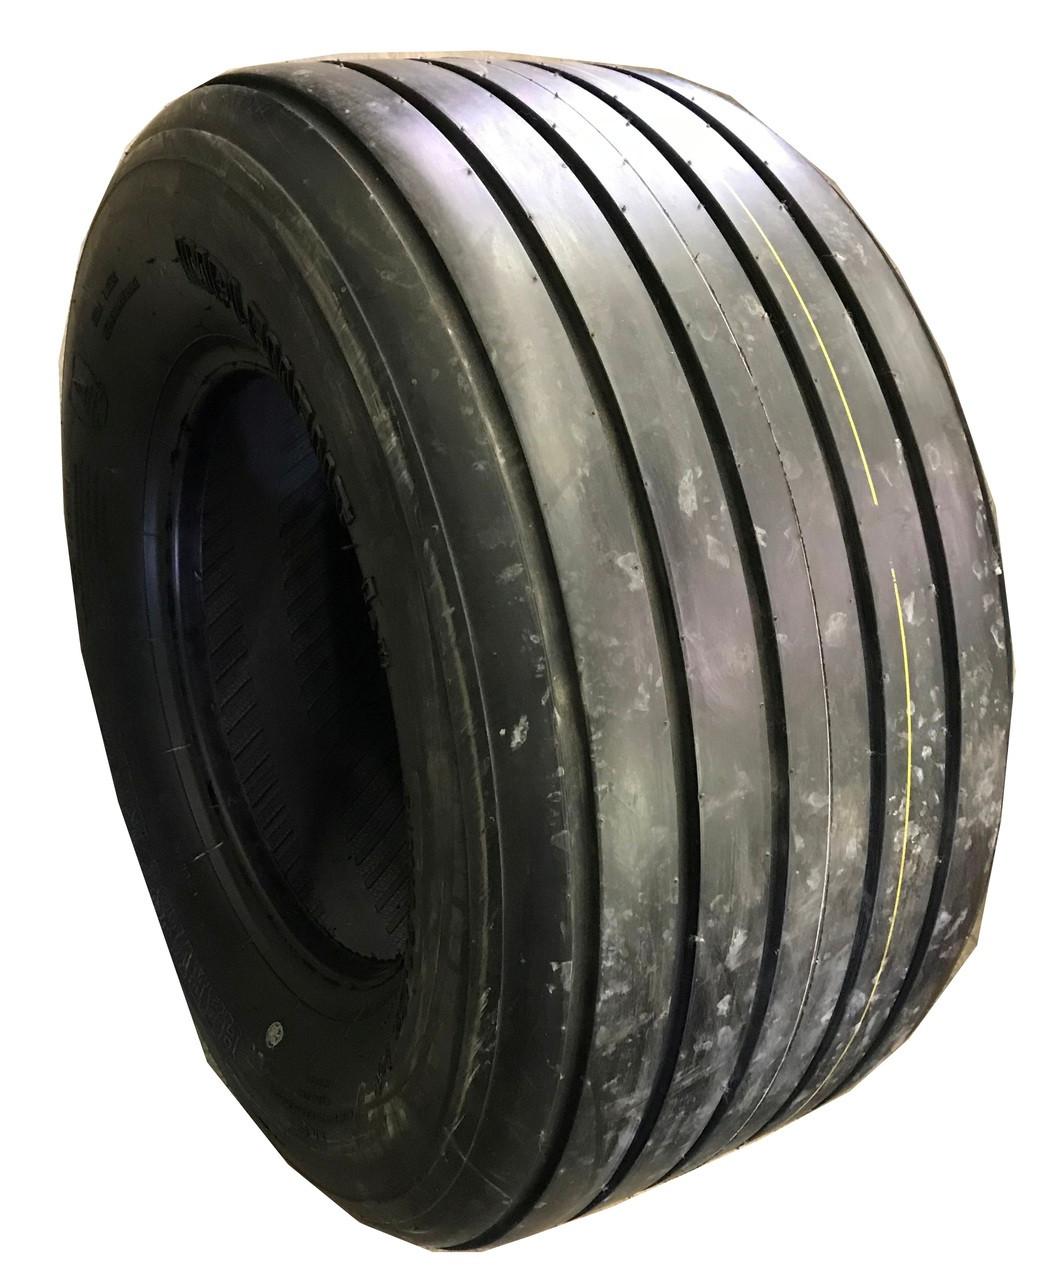 31 13.50 15 Samson Rib Implement Baler 10 Ply Tubeless New Tire